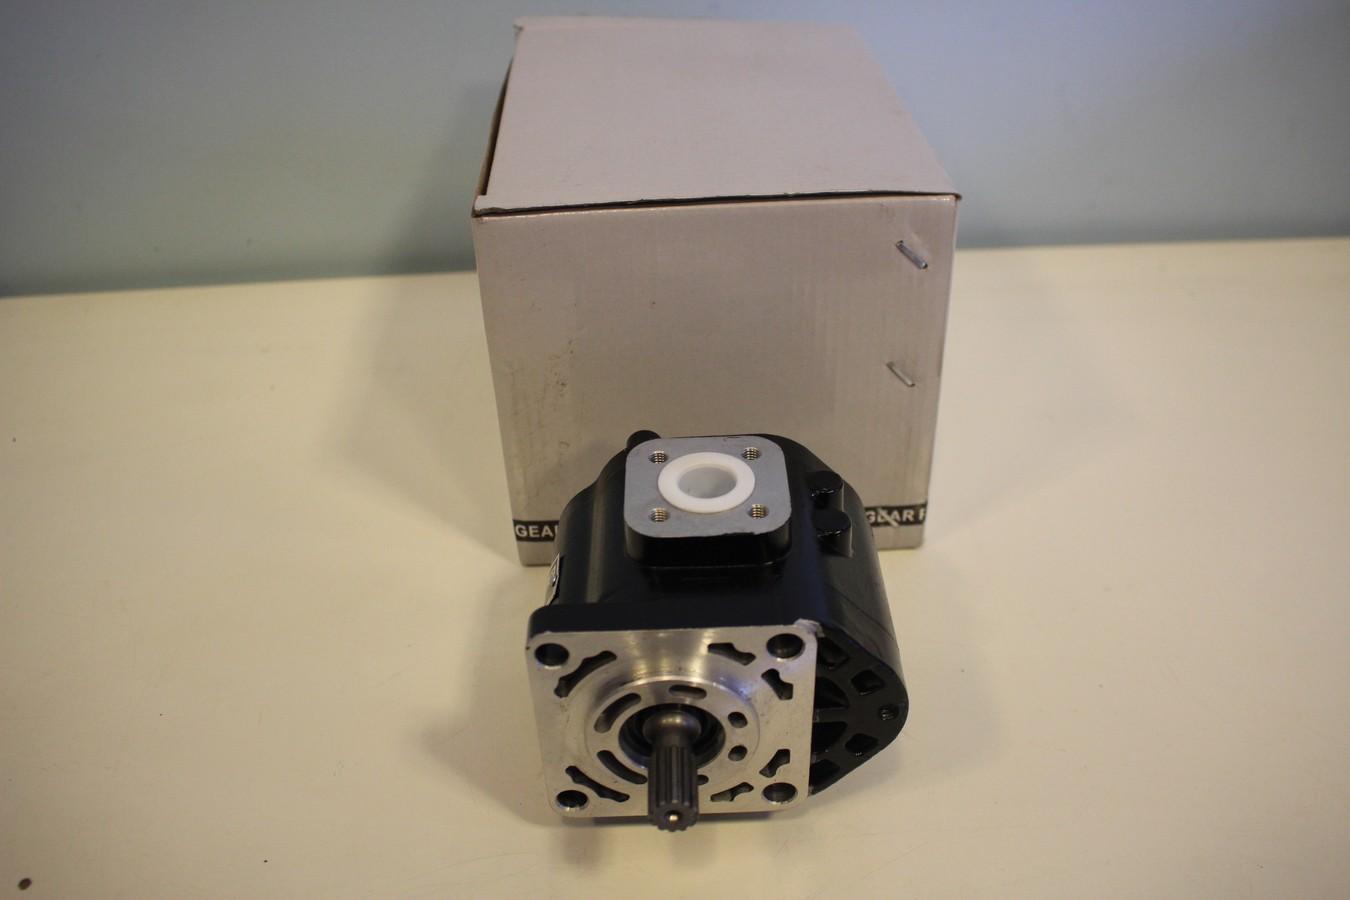 Pompa hydrauliczna Yanmar FX26, FX28, FX32 itp.